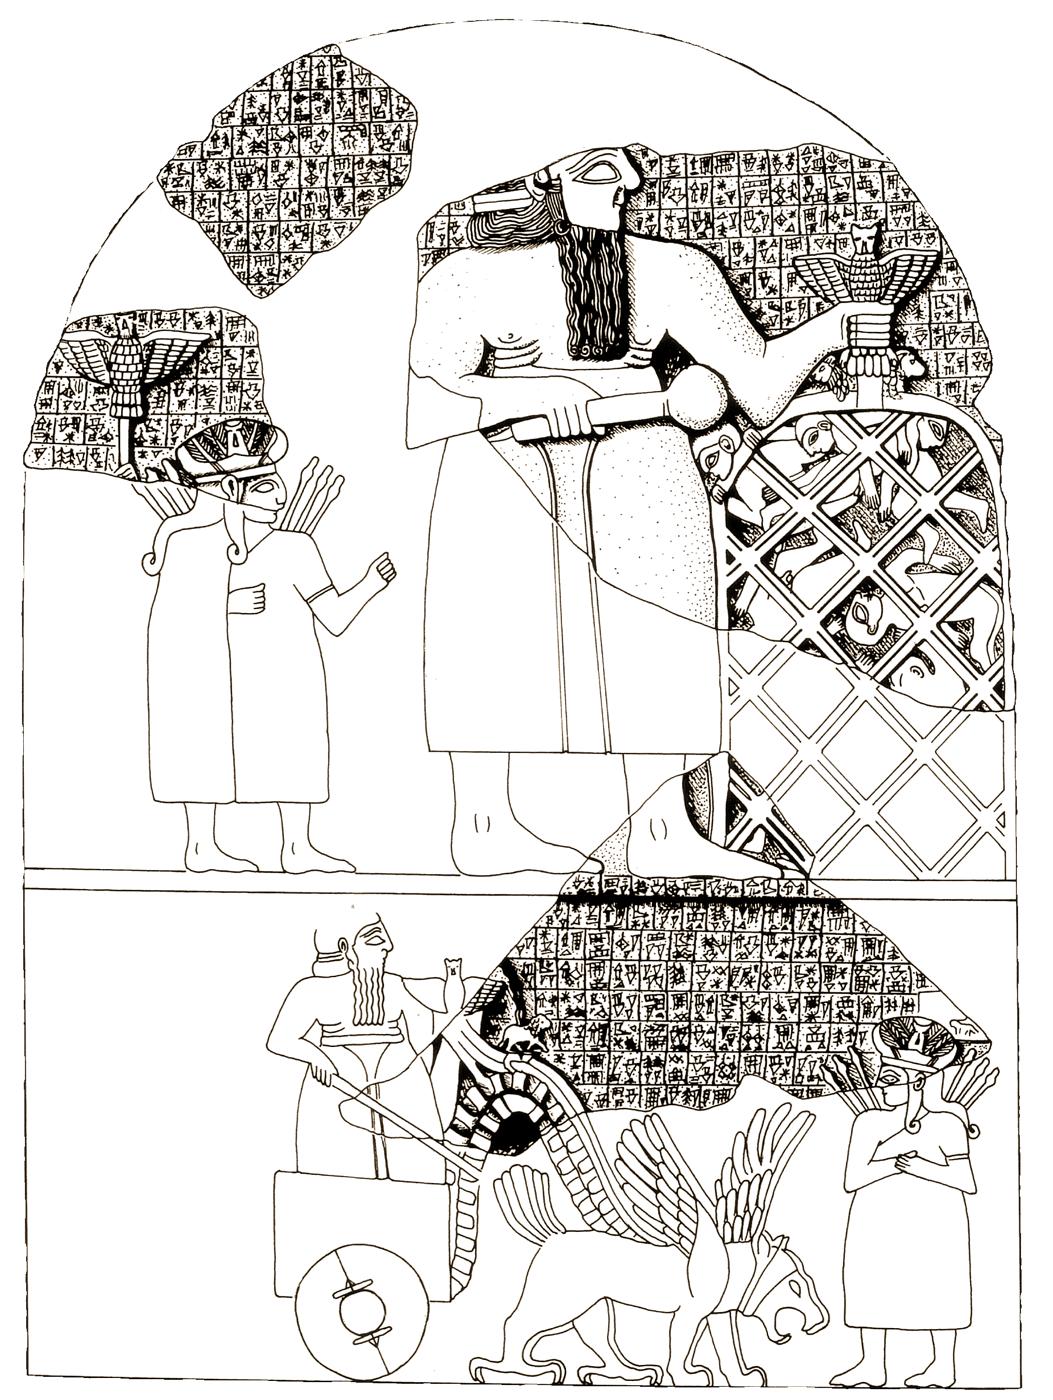 Stèle des vautours (Eannatum de Lagash, vers 2450 av. J.-C.)